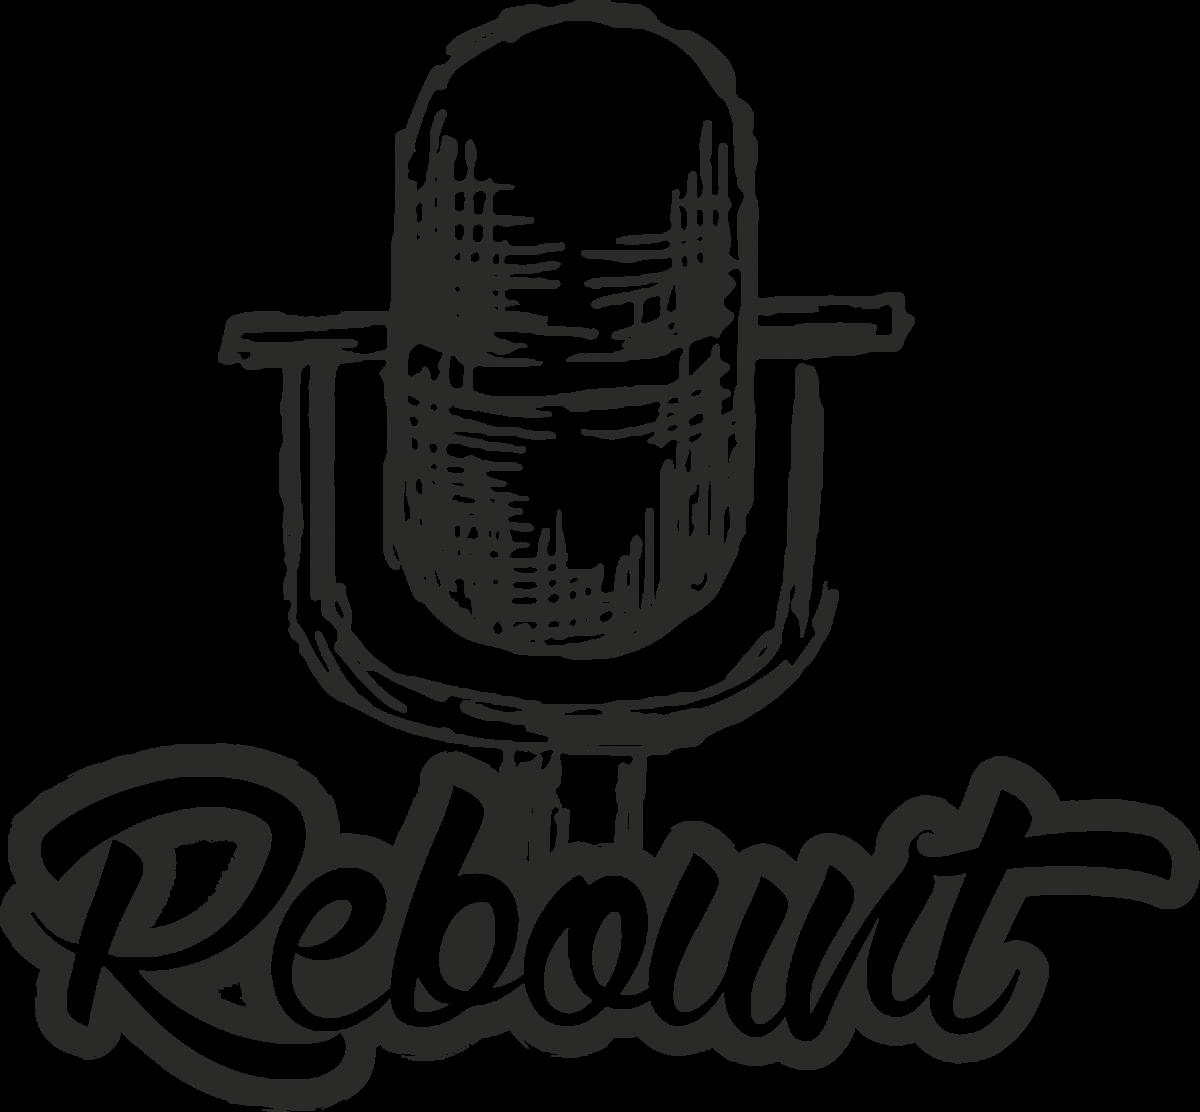 Upcoming: Rebount - Kenn Ich Nicht